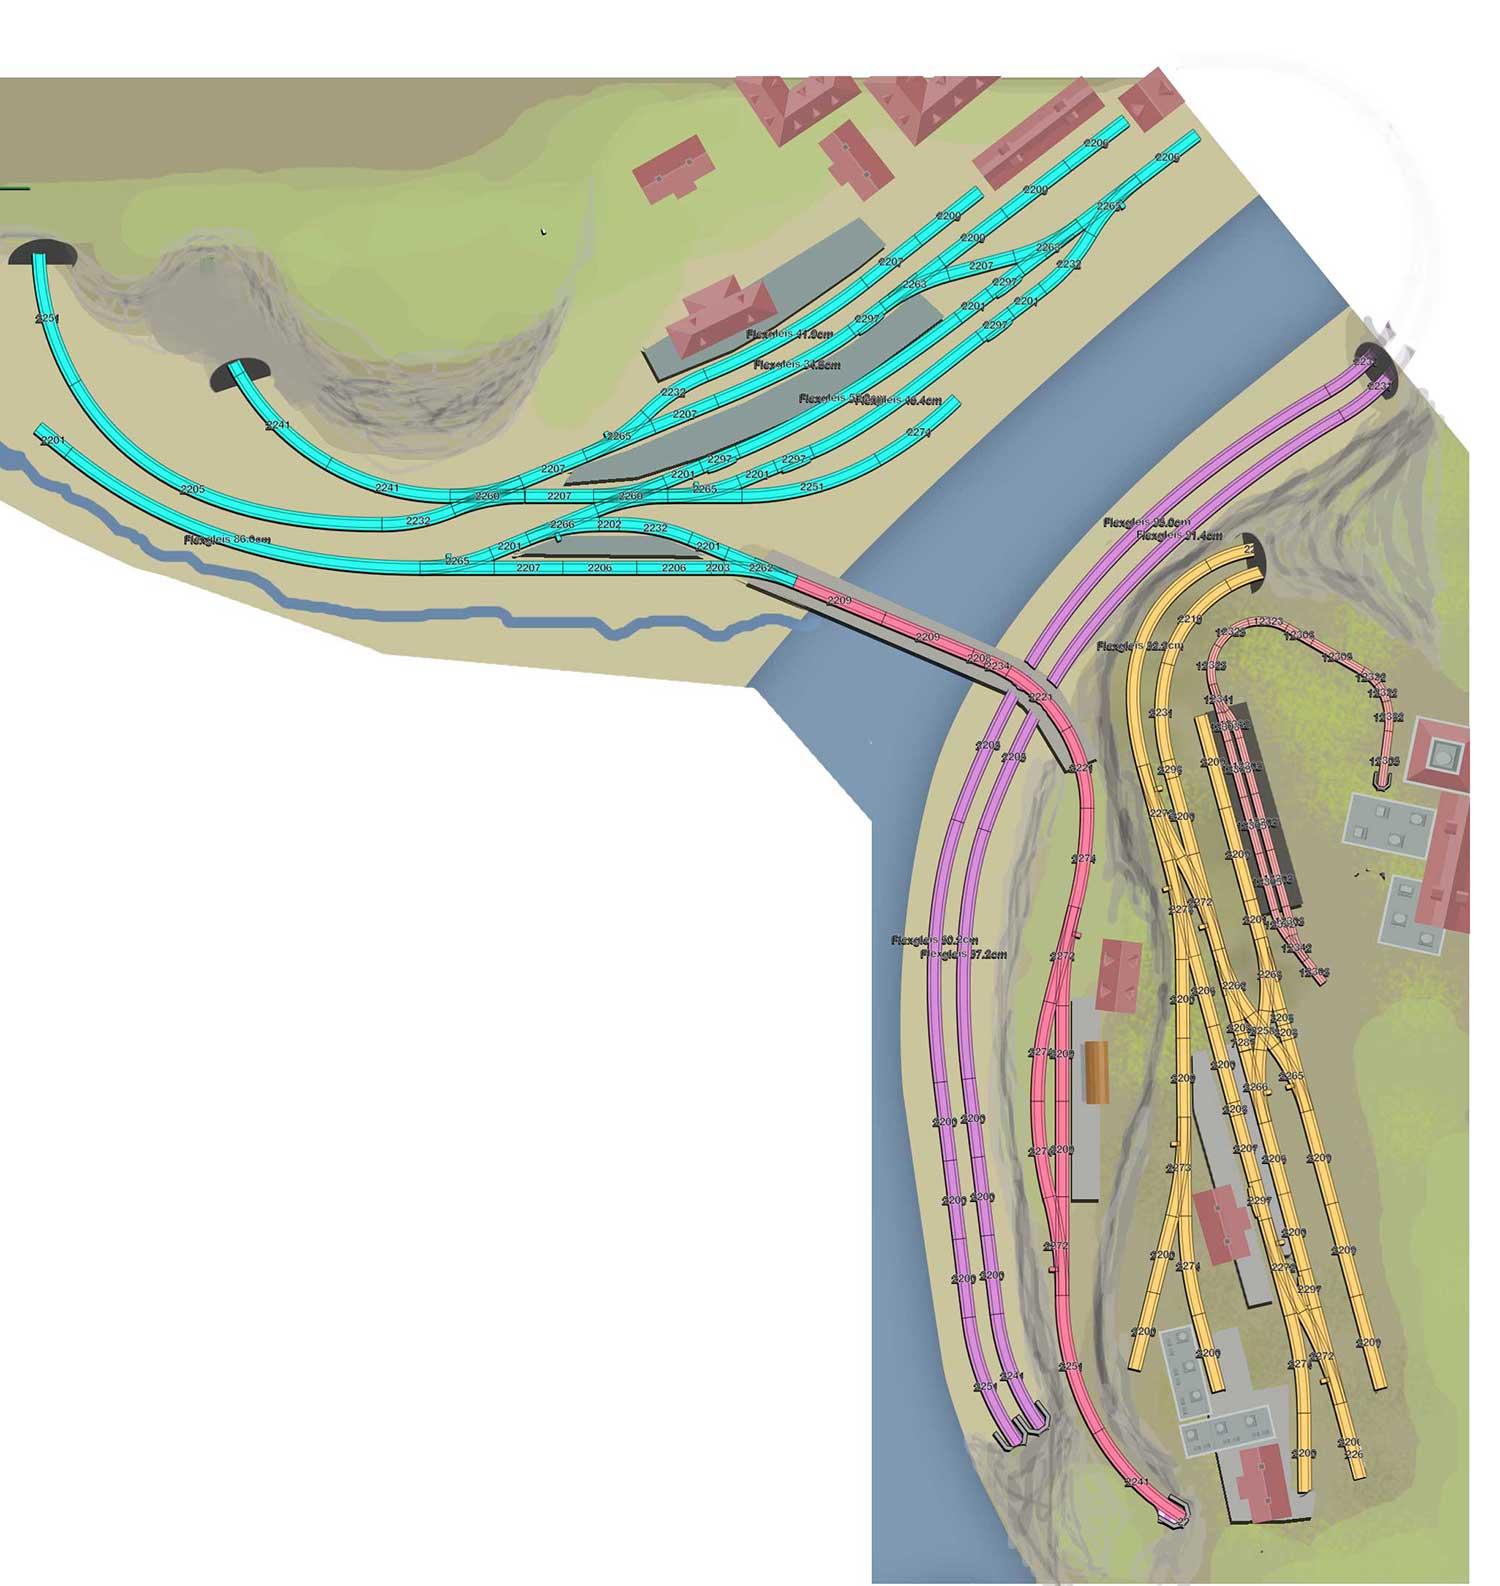 H0 Gleisplan: Erzverladung und schöne Paradestrecke